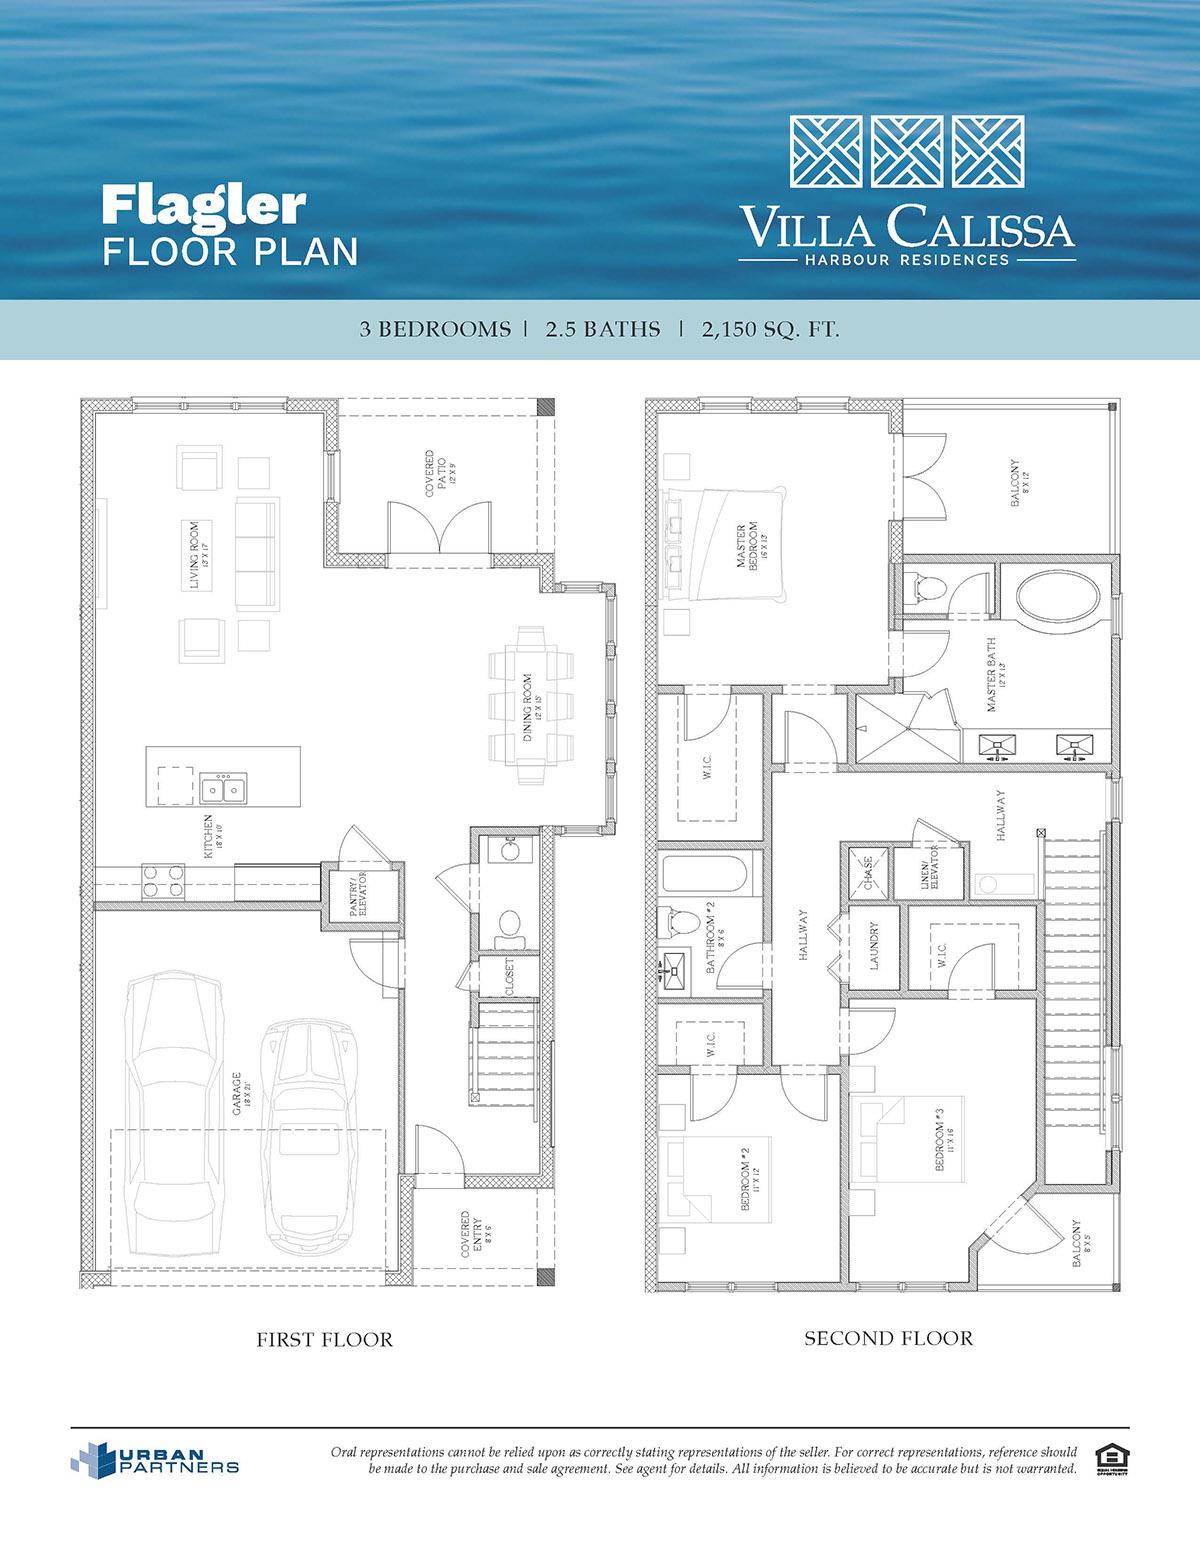 Flagler floor plan at Villa Calissa